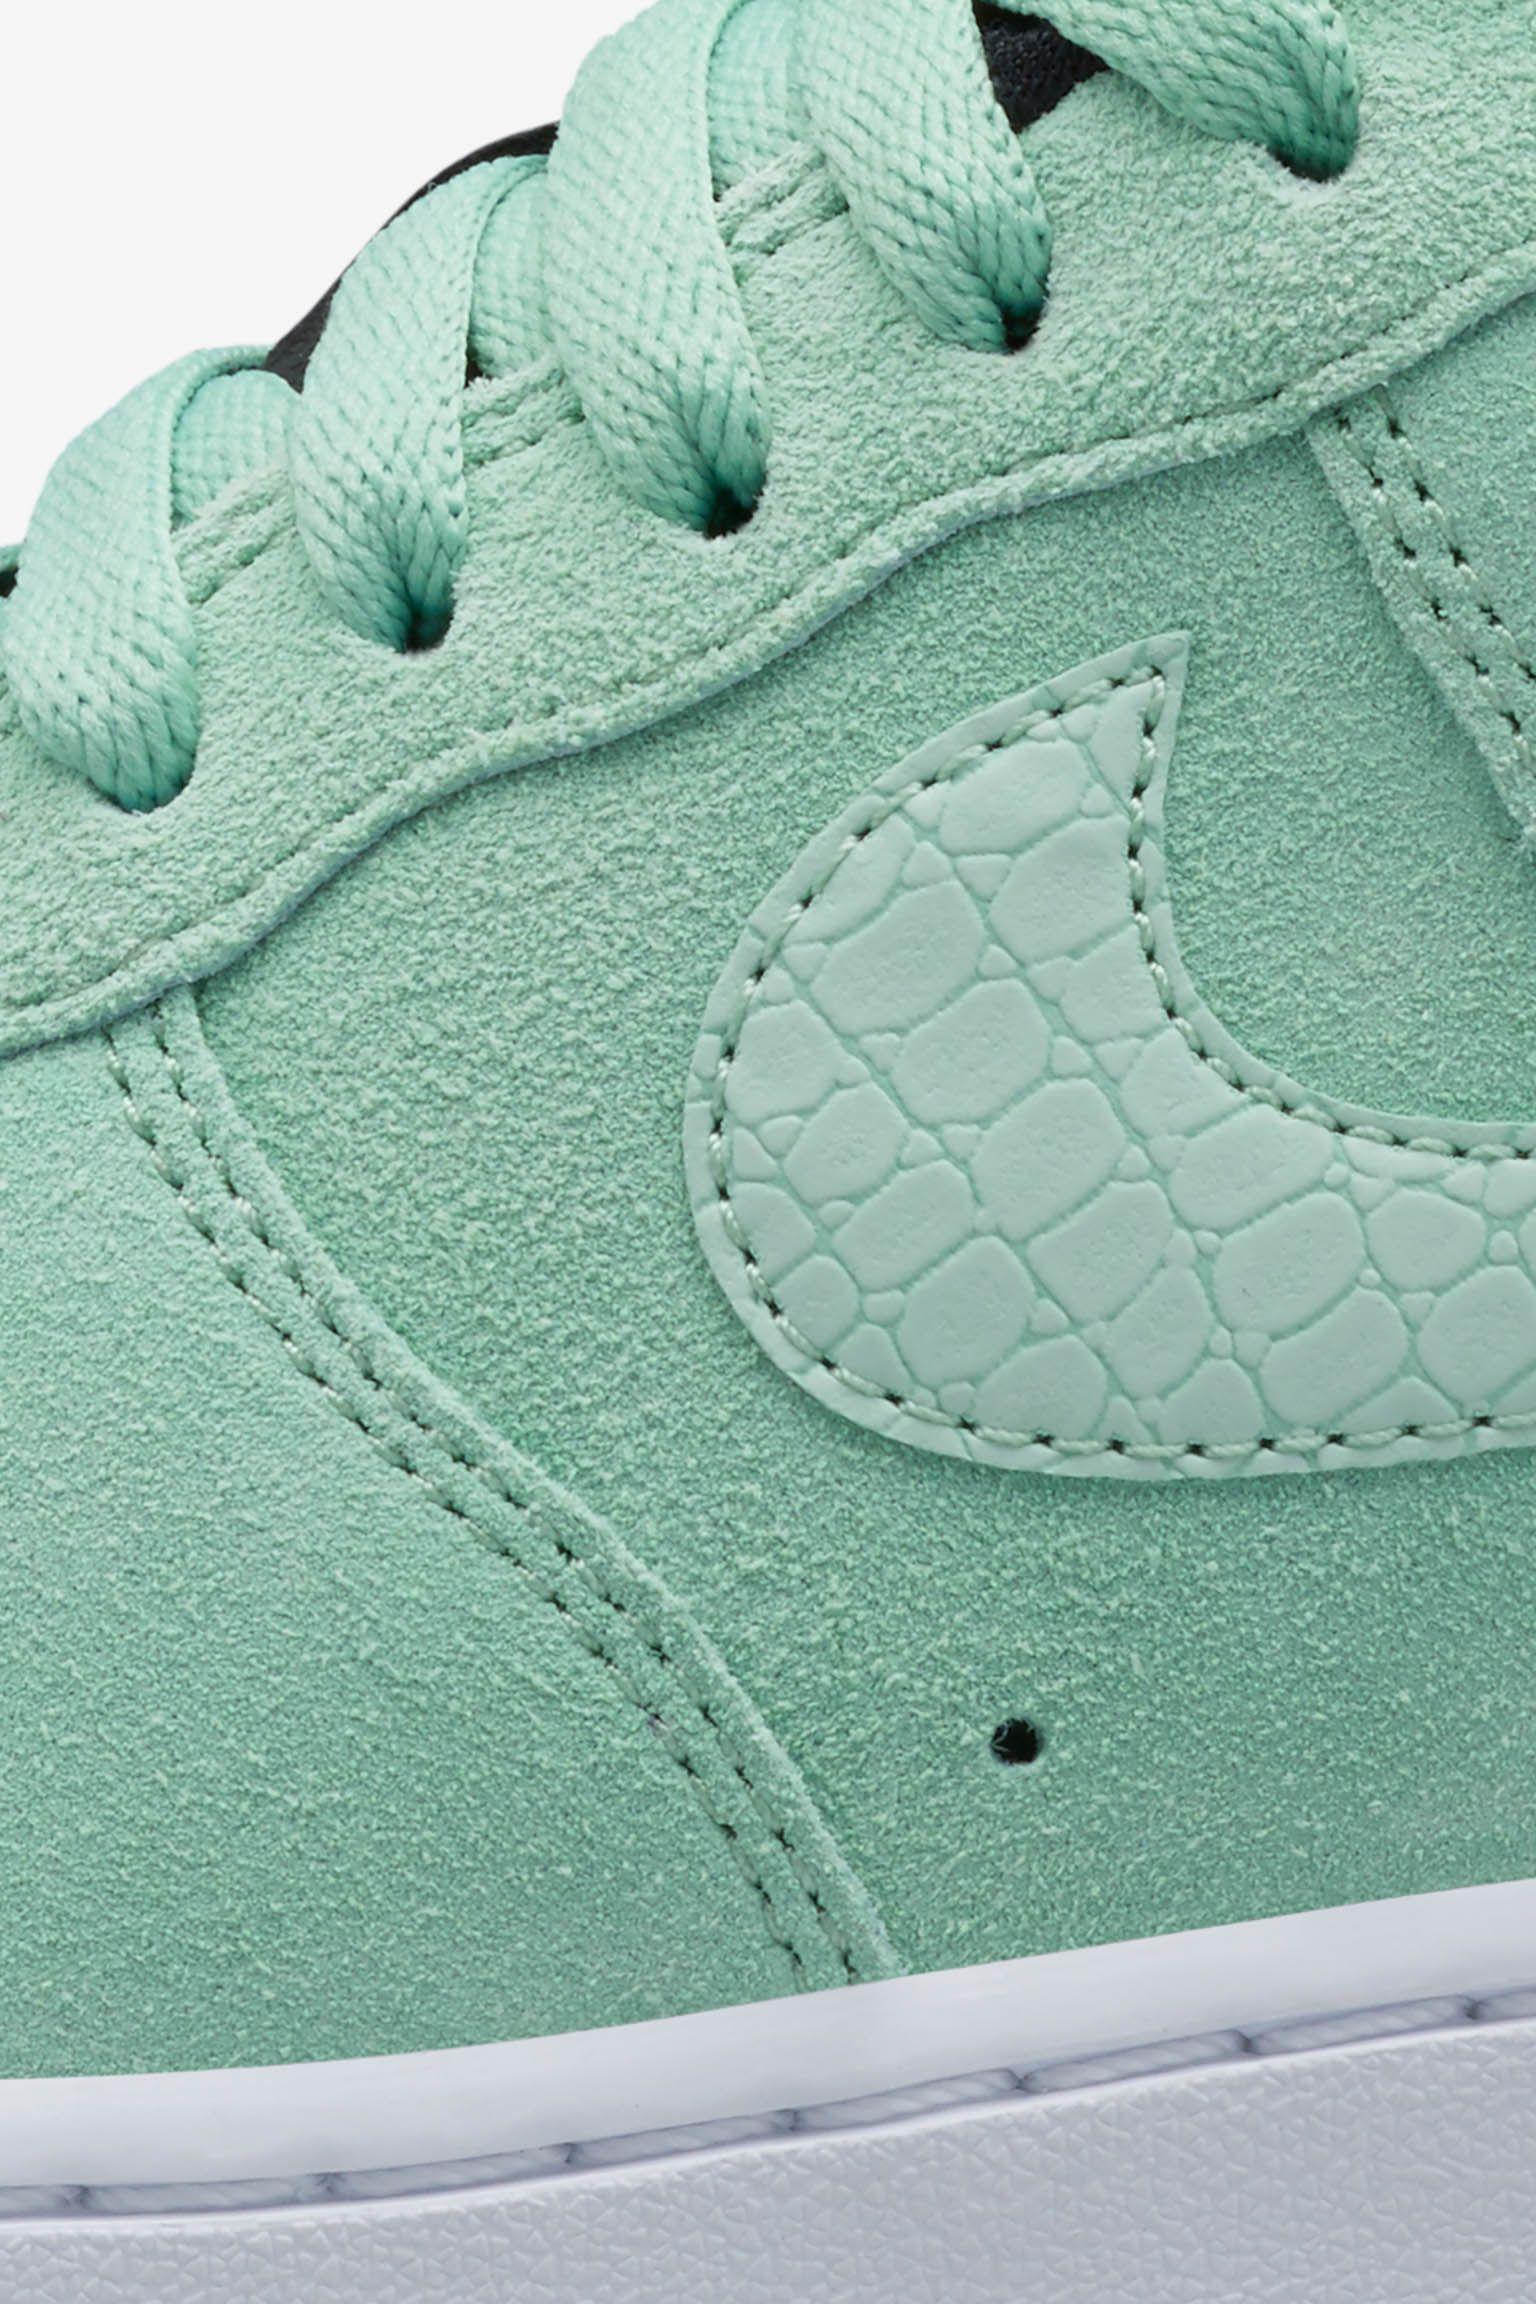 Women's Nike Air Force 1 'Enamel Green'